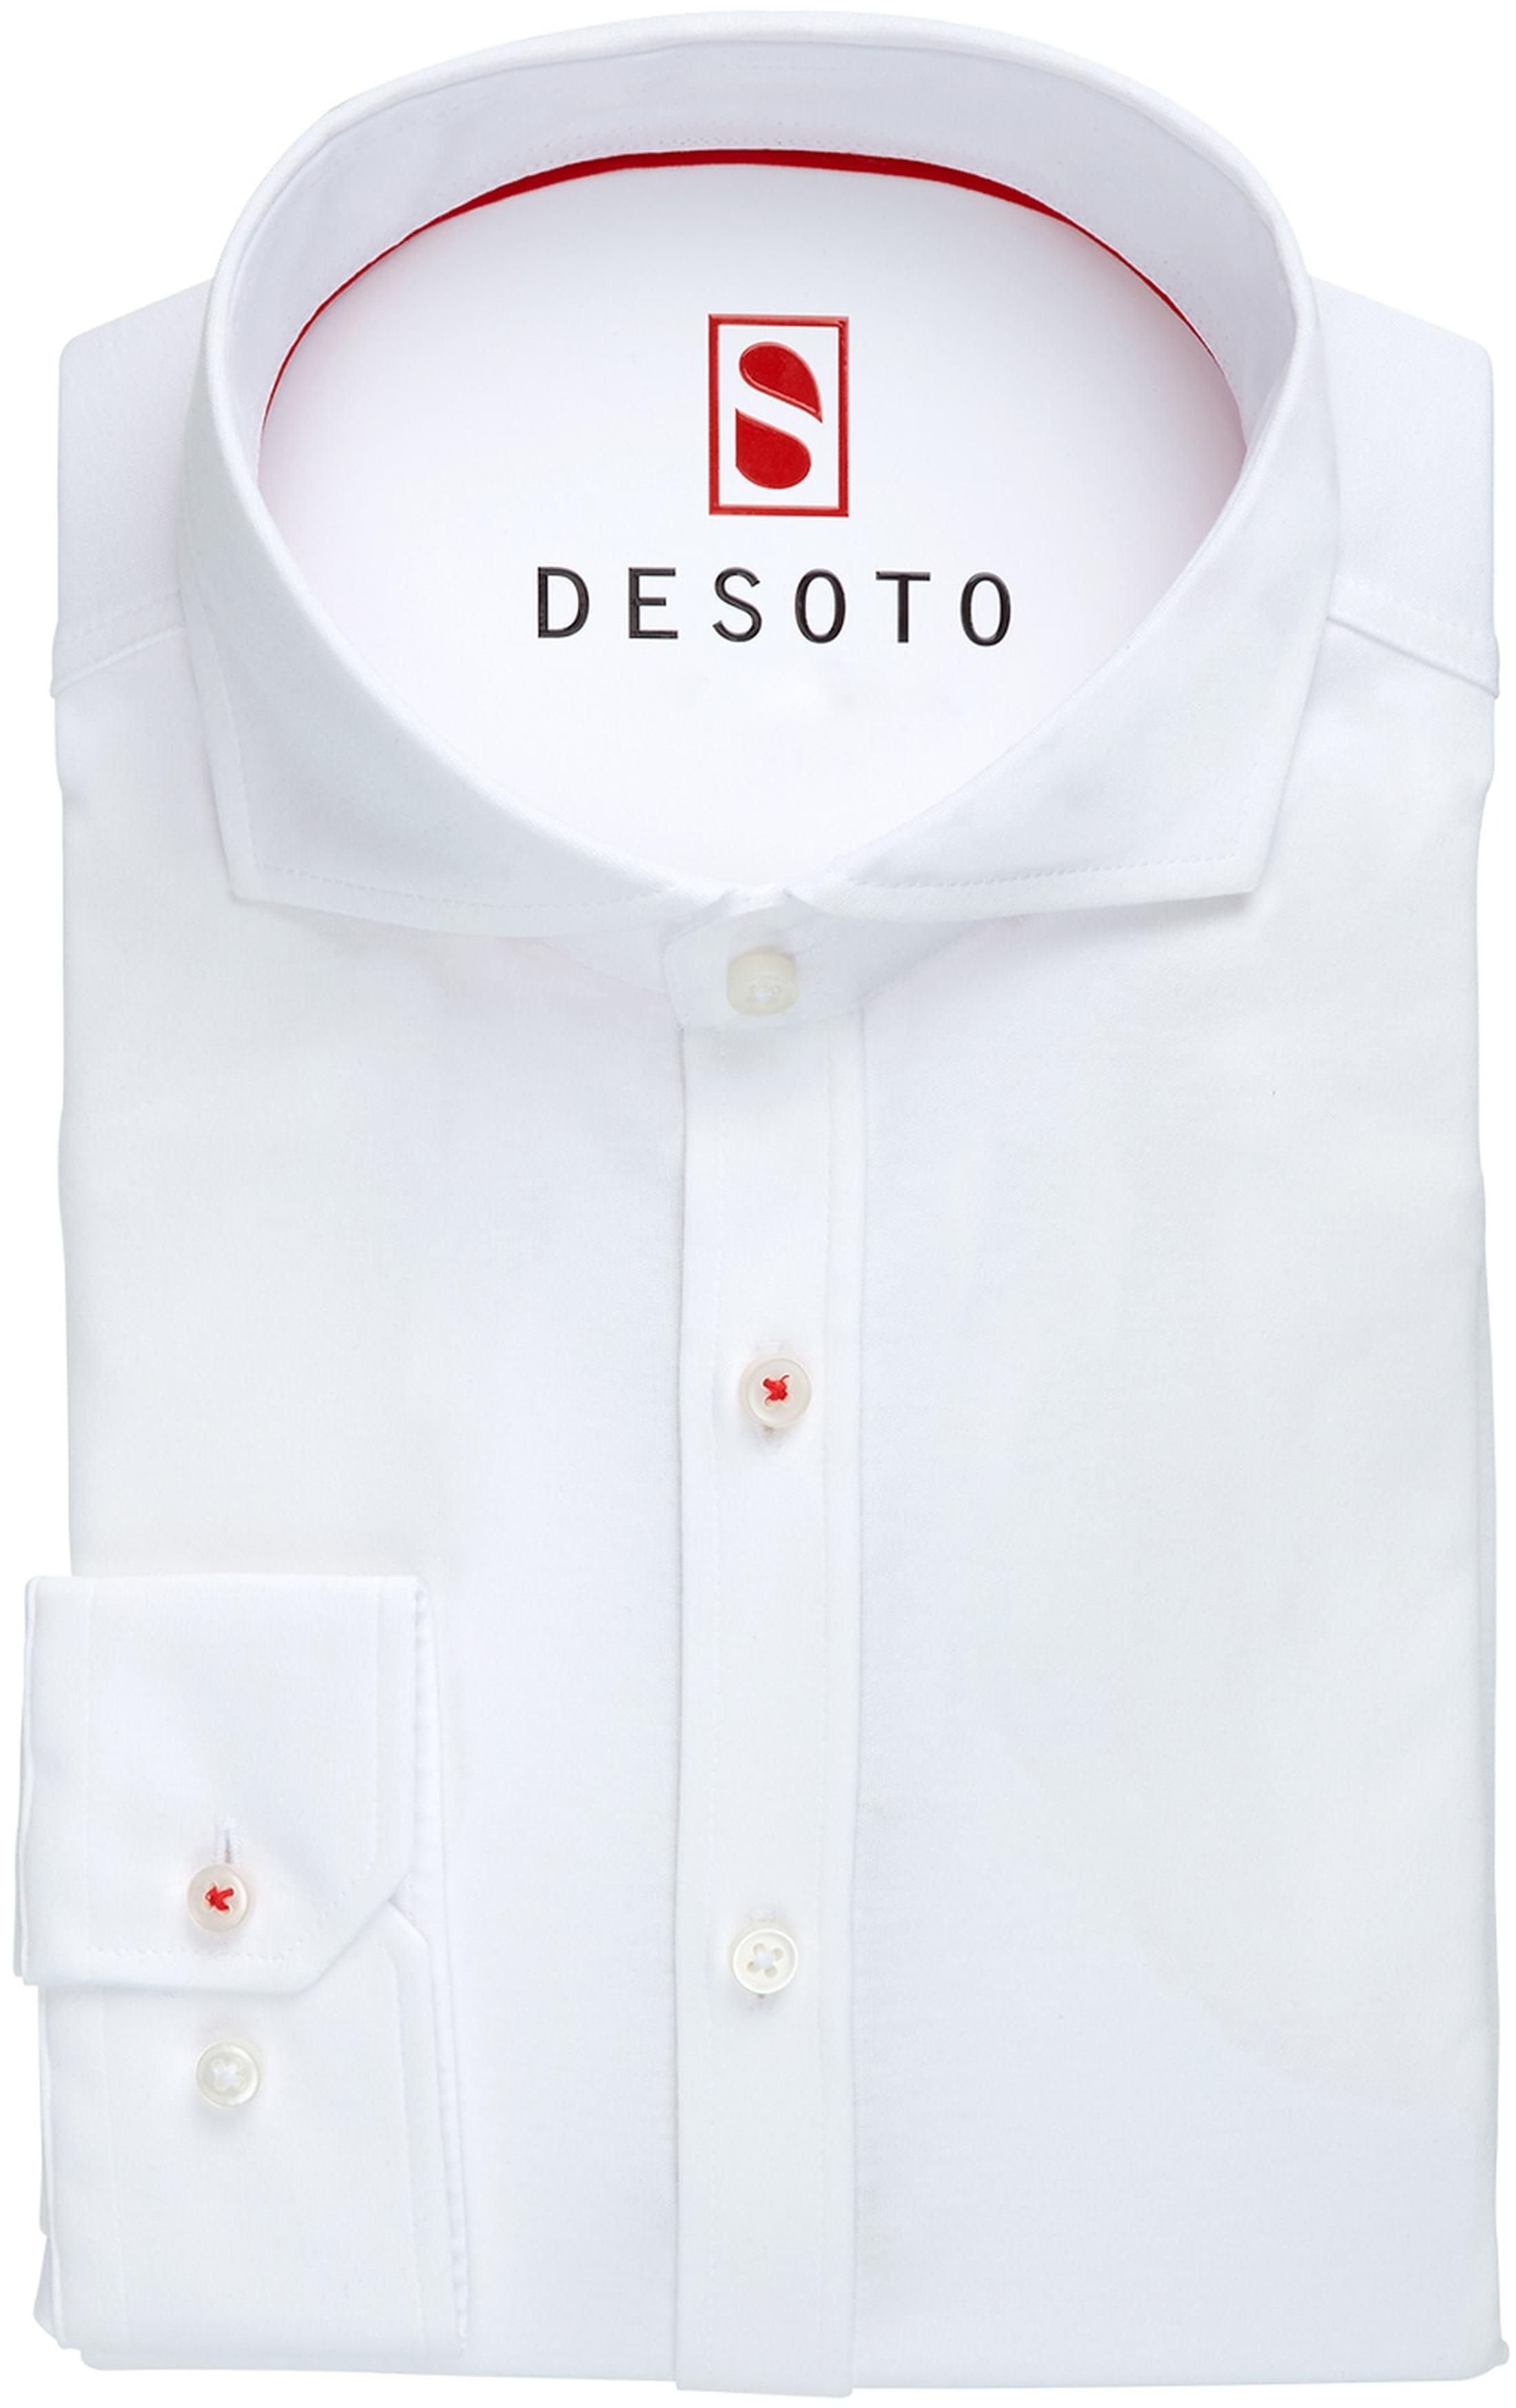 Desoto Shirt Non Iron White foto 2